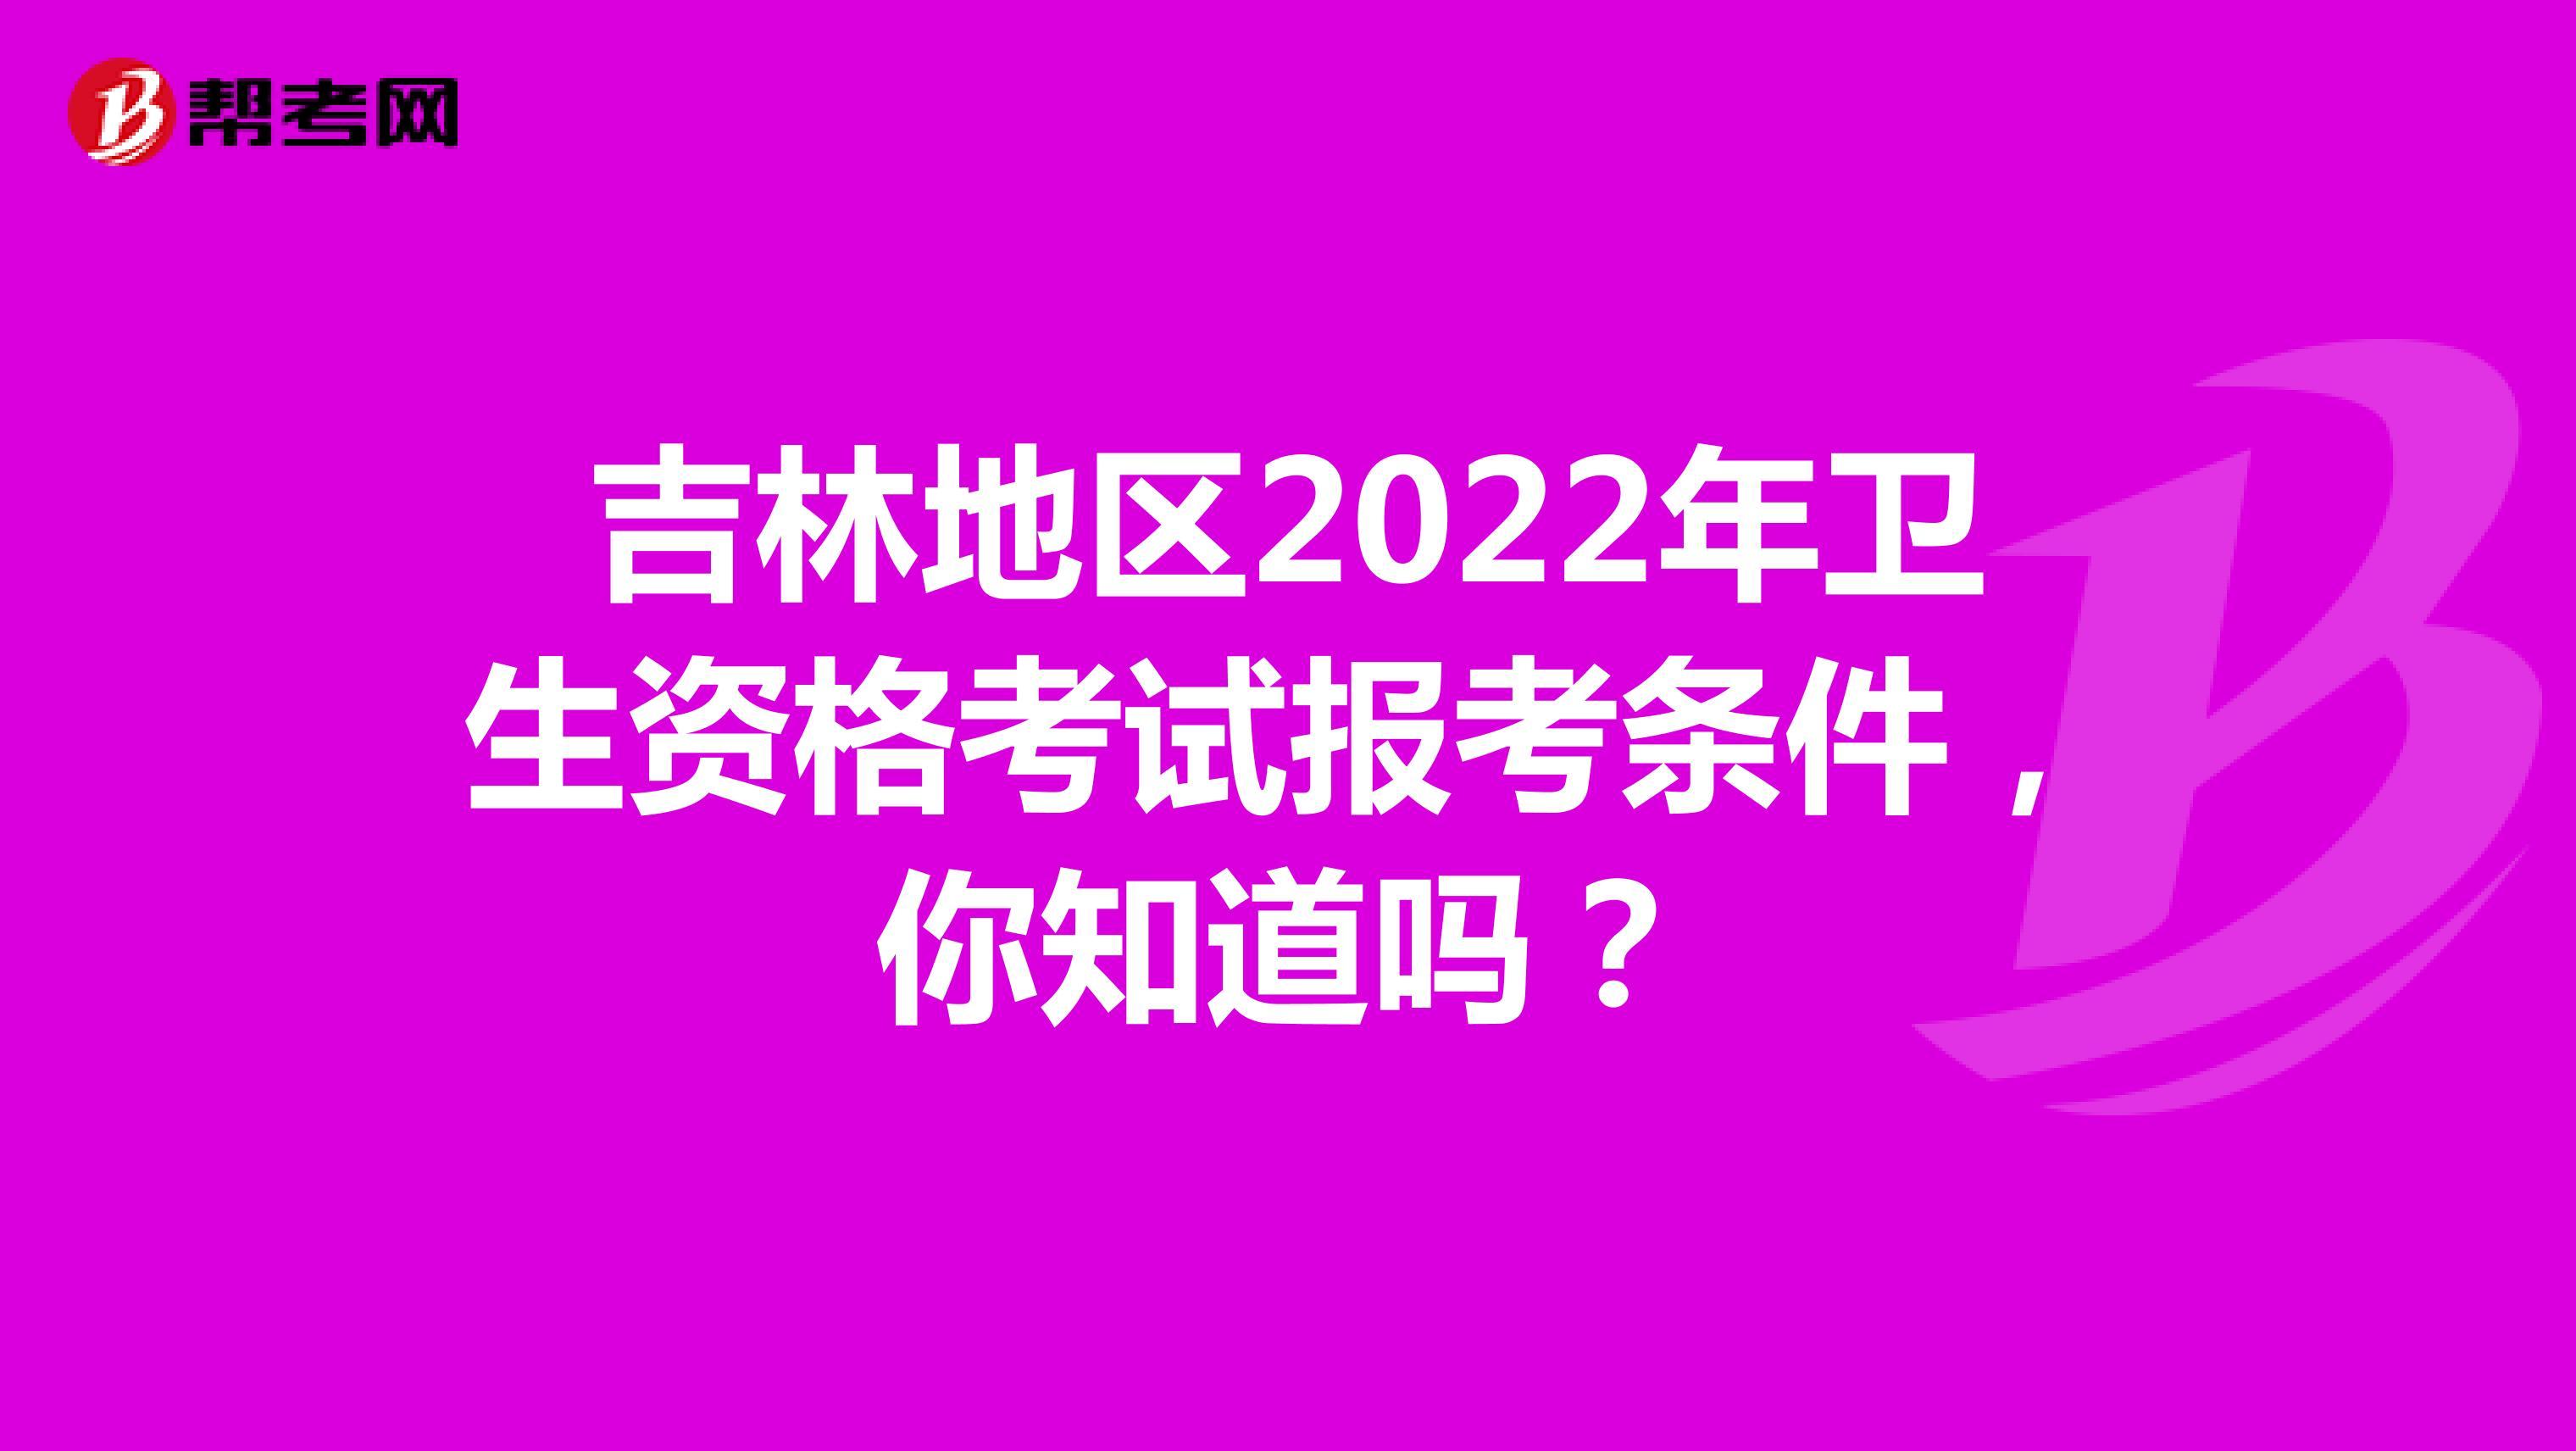 吉林地区2022年卫生资格考试报考条件,你知道吗?